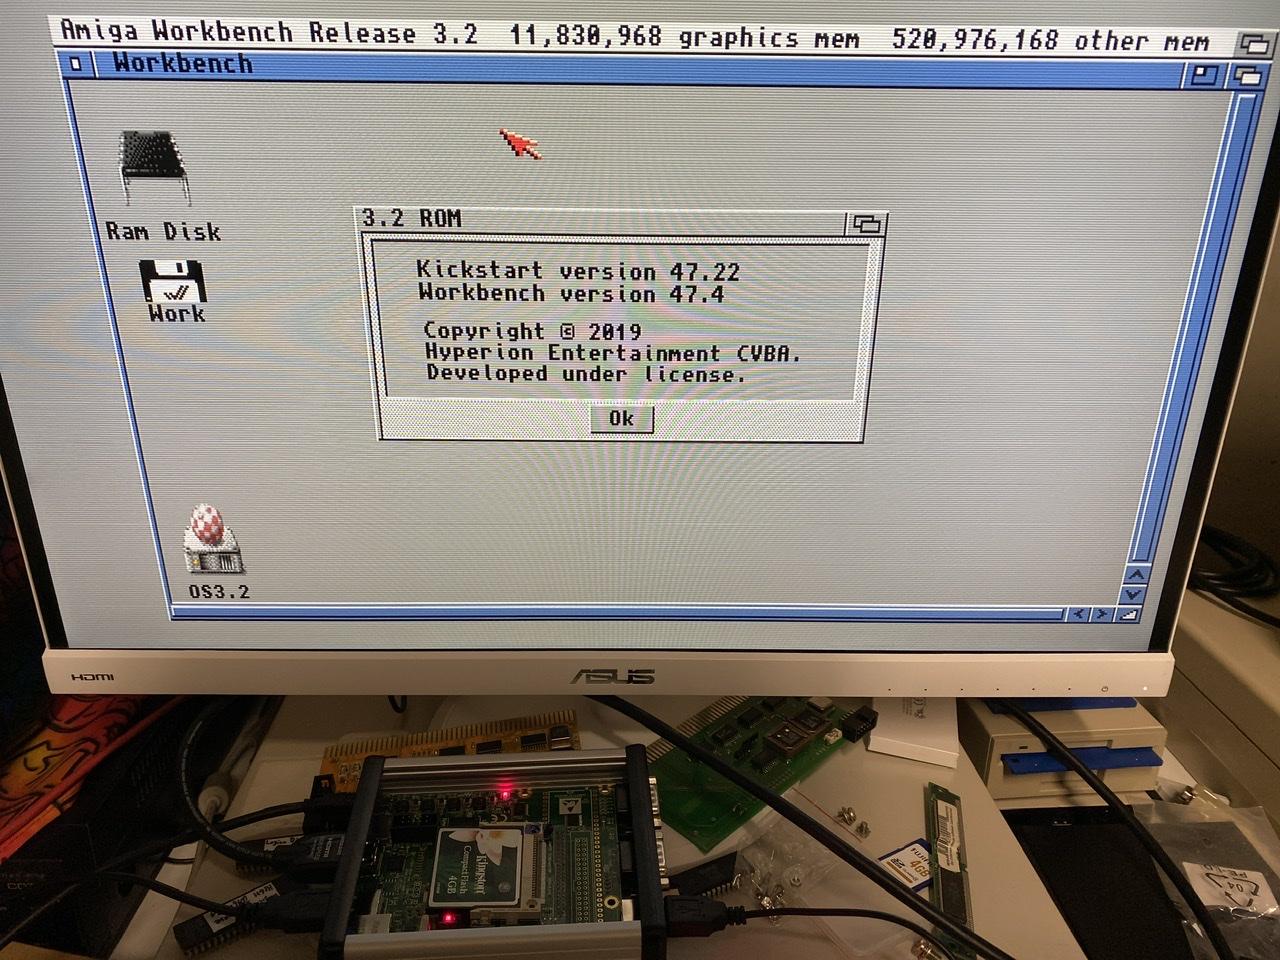 Klikněte na obrázek pro zobrazení větší verze  Název: C21842E4-BEB6-45C0-92CF-8FE7360A630F.jpeg Zobrazeno: 91 Velikost: 436,9 KB ID: 9951